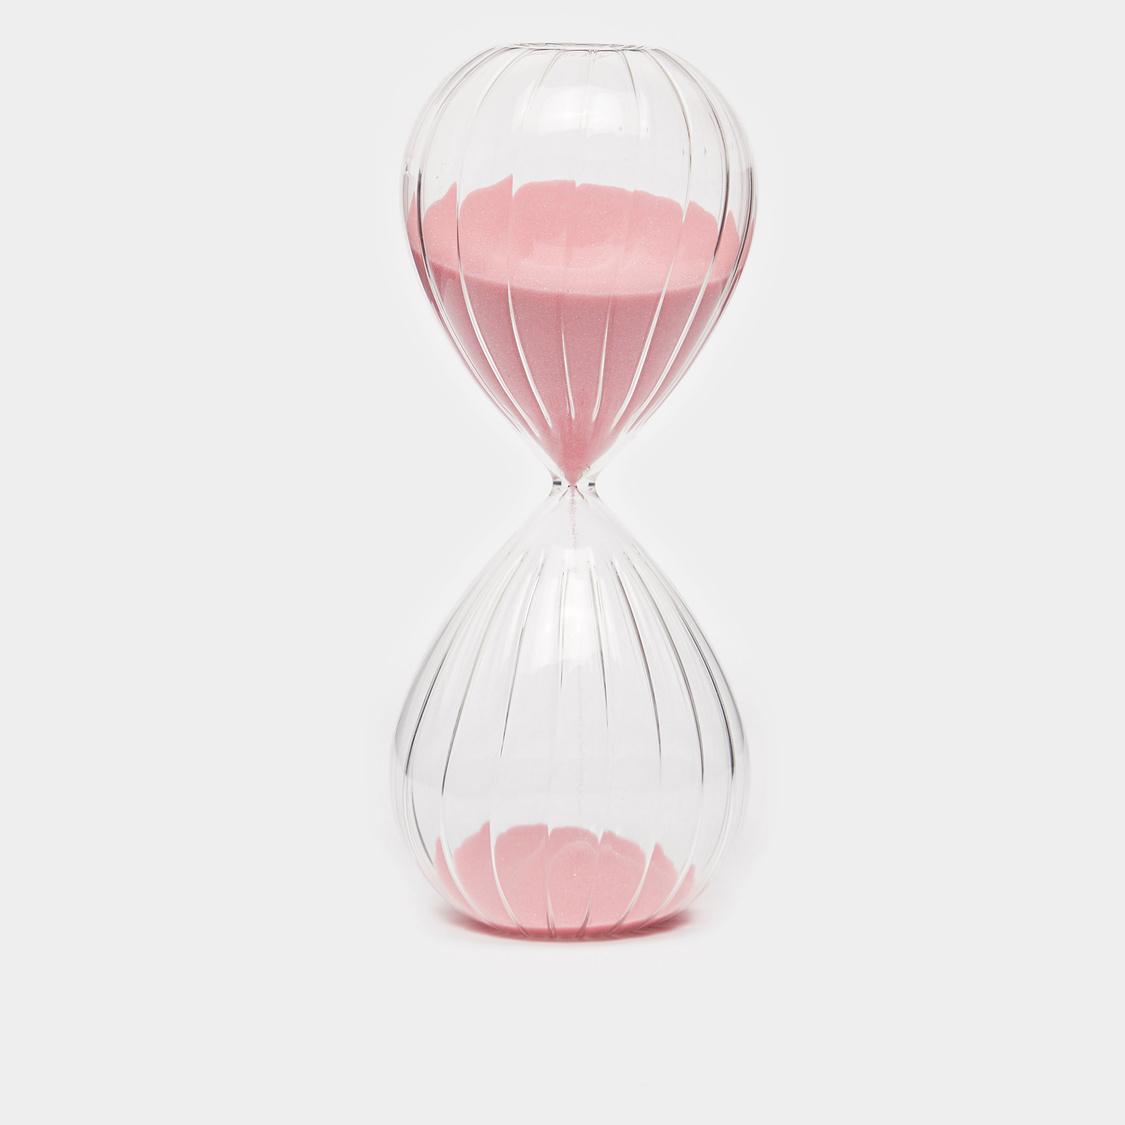 ساعة رملية مزينة